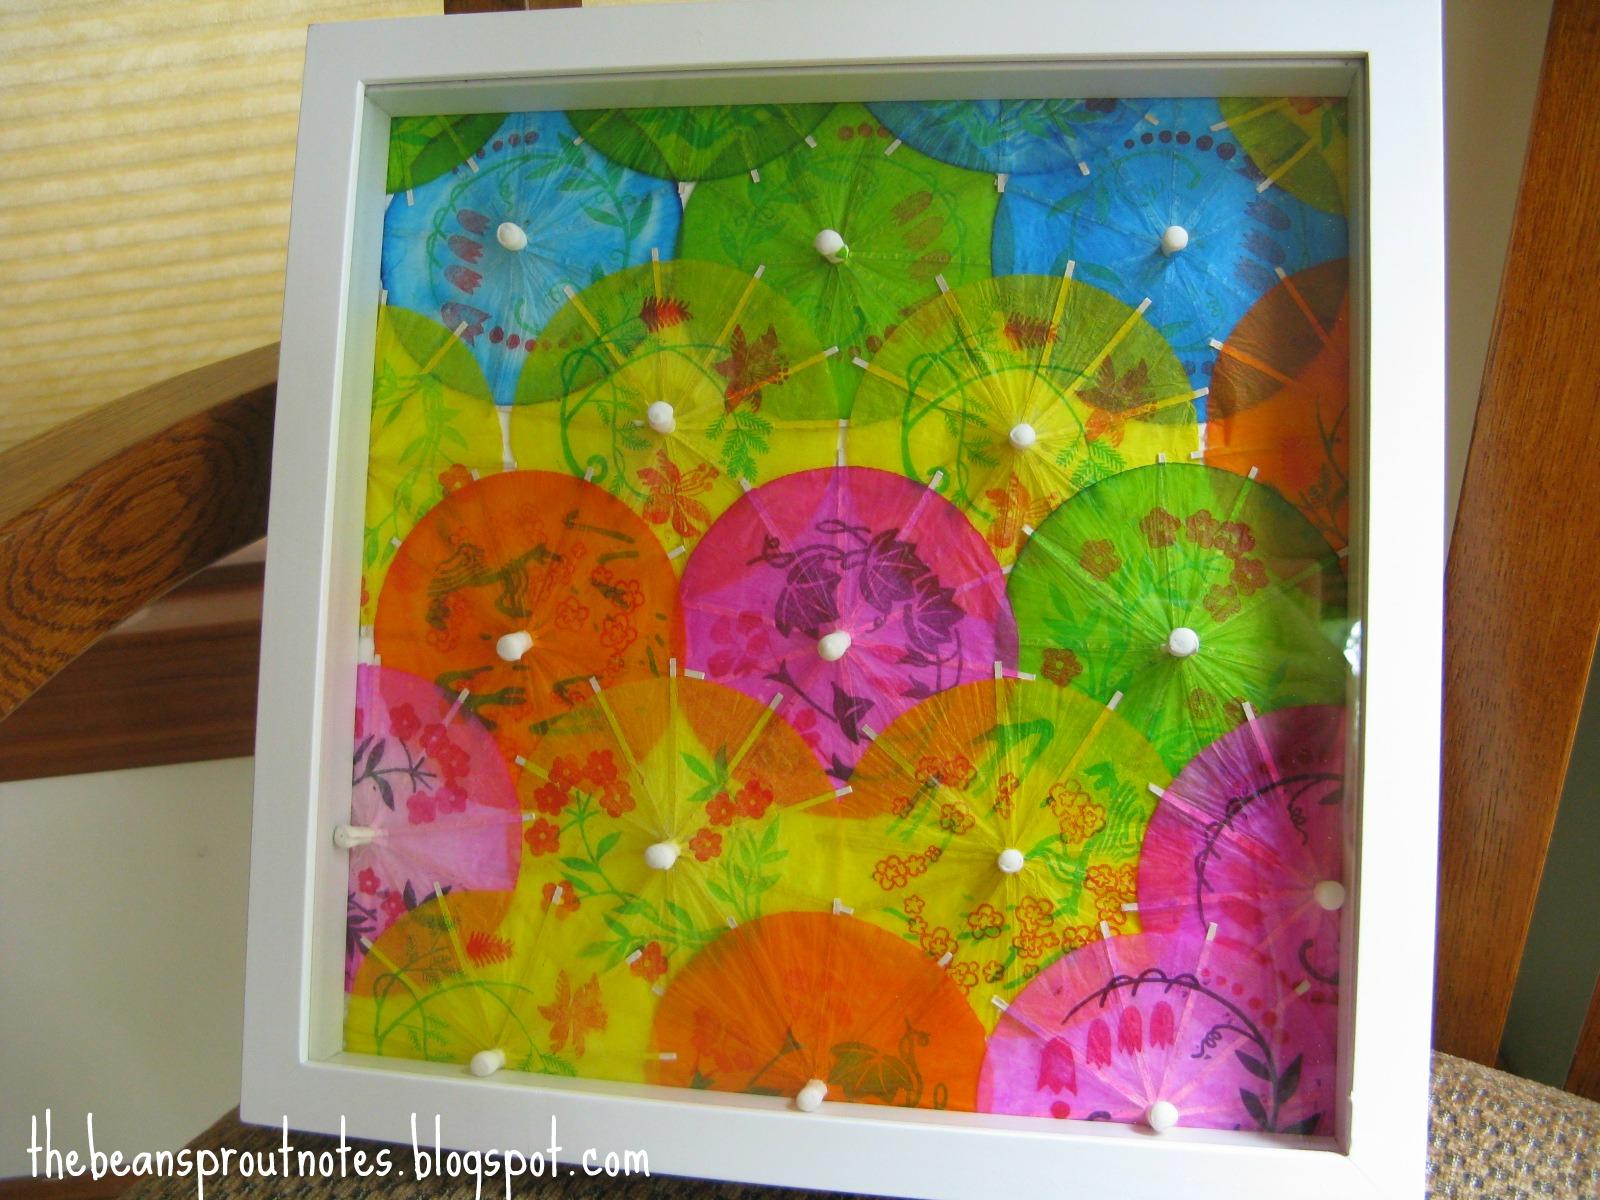 The Bean Sprout Notes: DIY Wall Art: Umbrellas on Parade